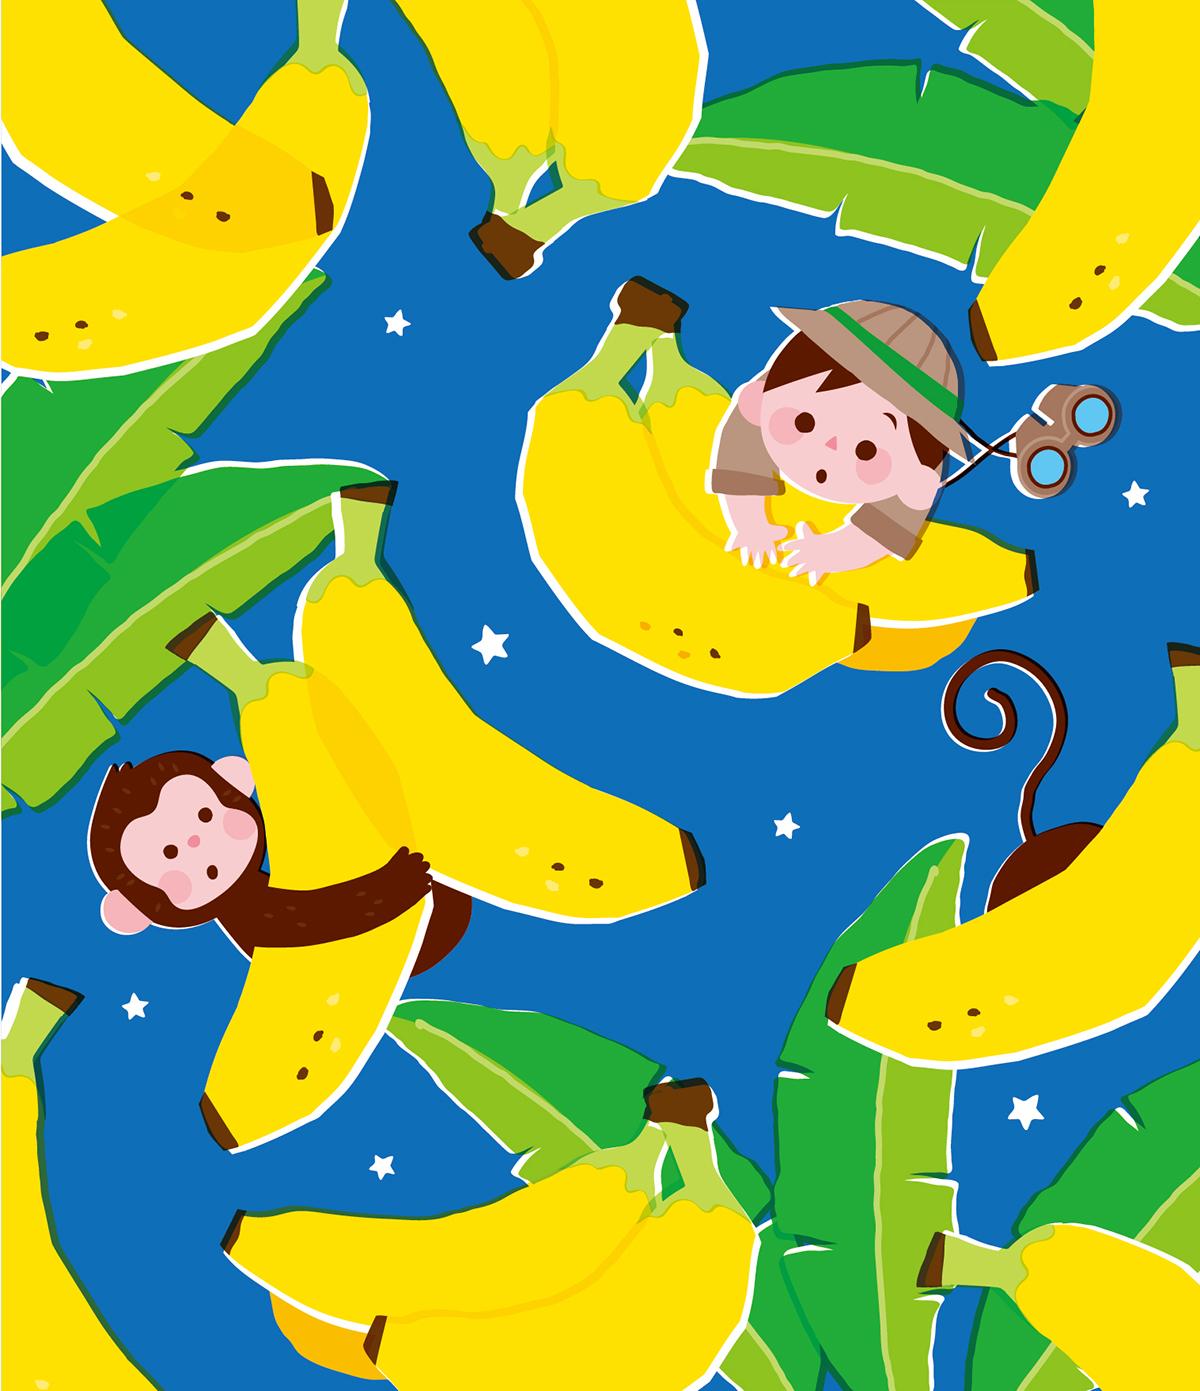 バナナの木でお猿と探検する男の子